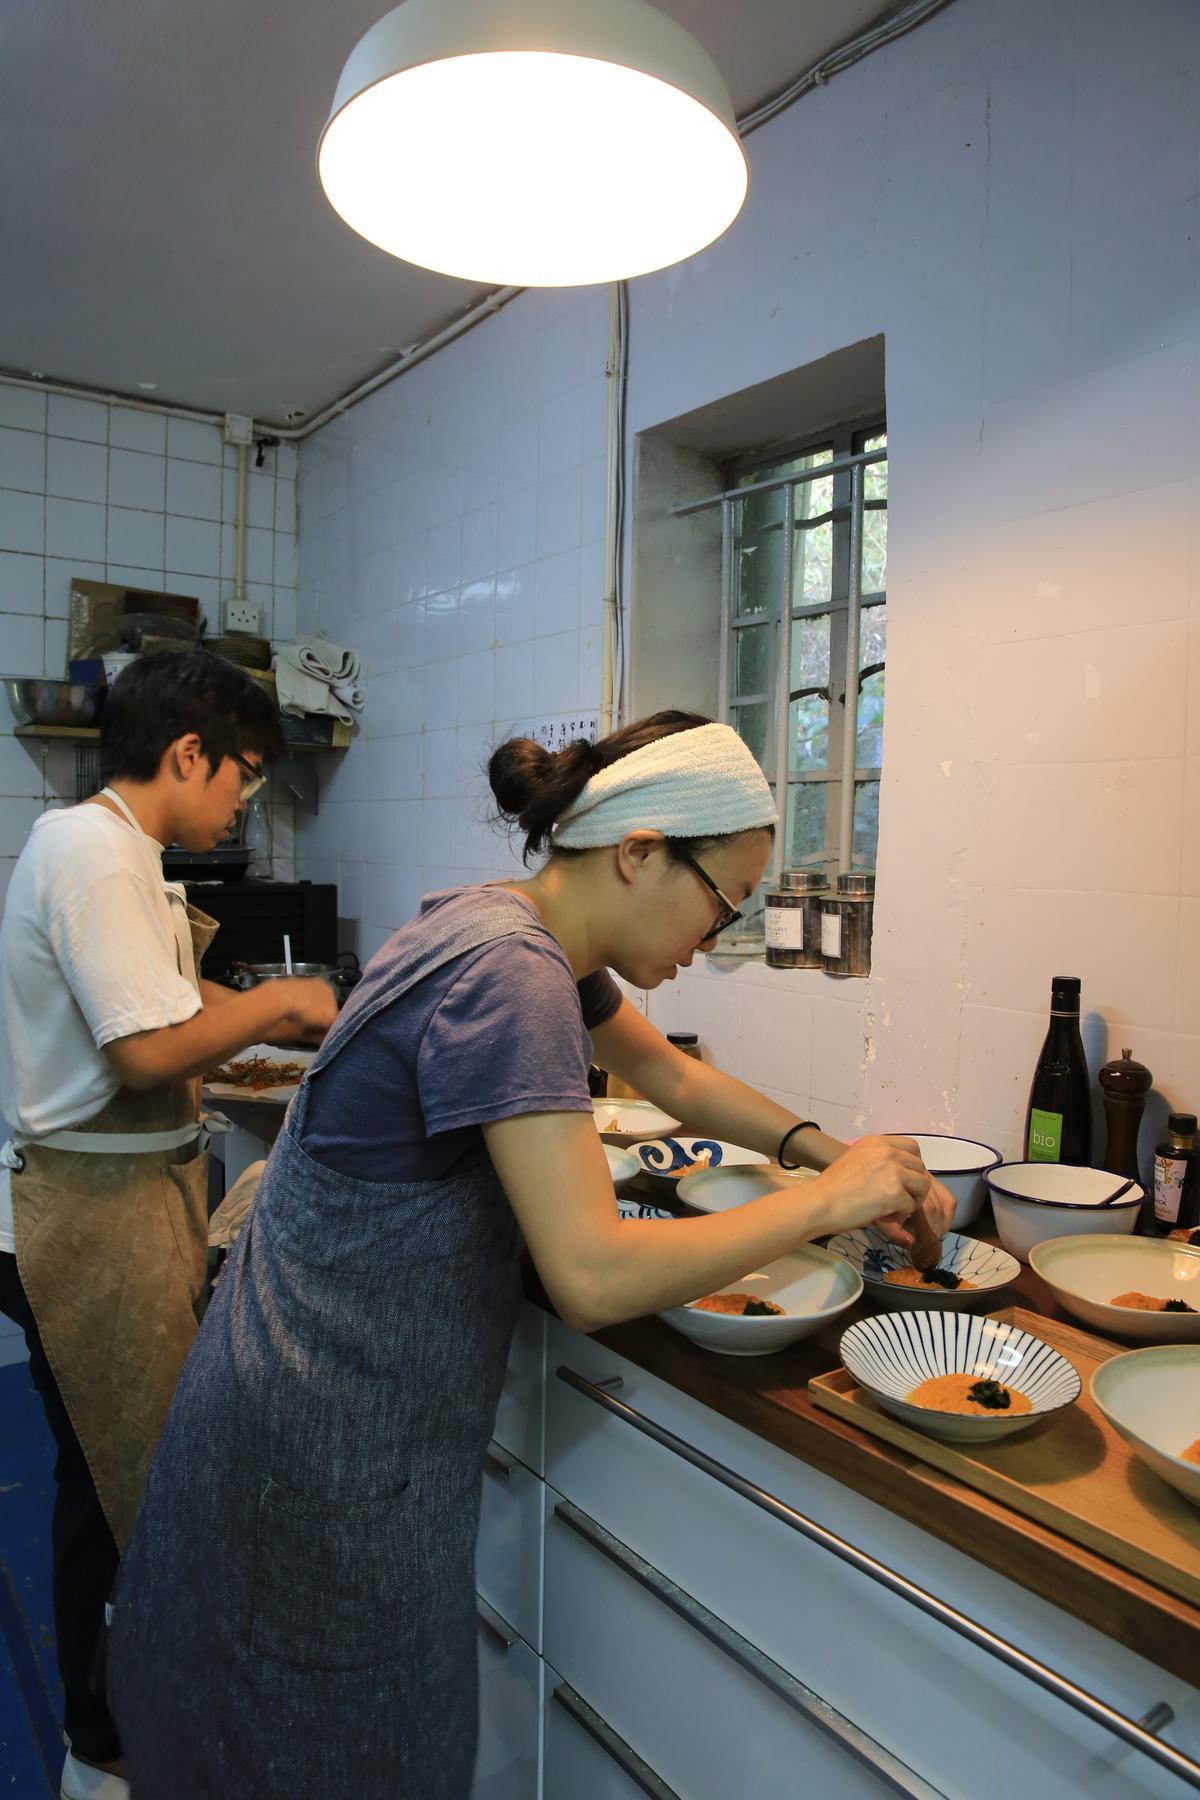 夫妻兩人忙碌地在小廚房裡備菜,2歲半的兒子則托給媽媽照顧。